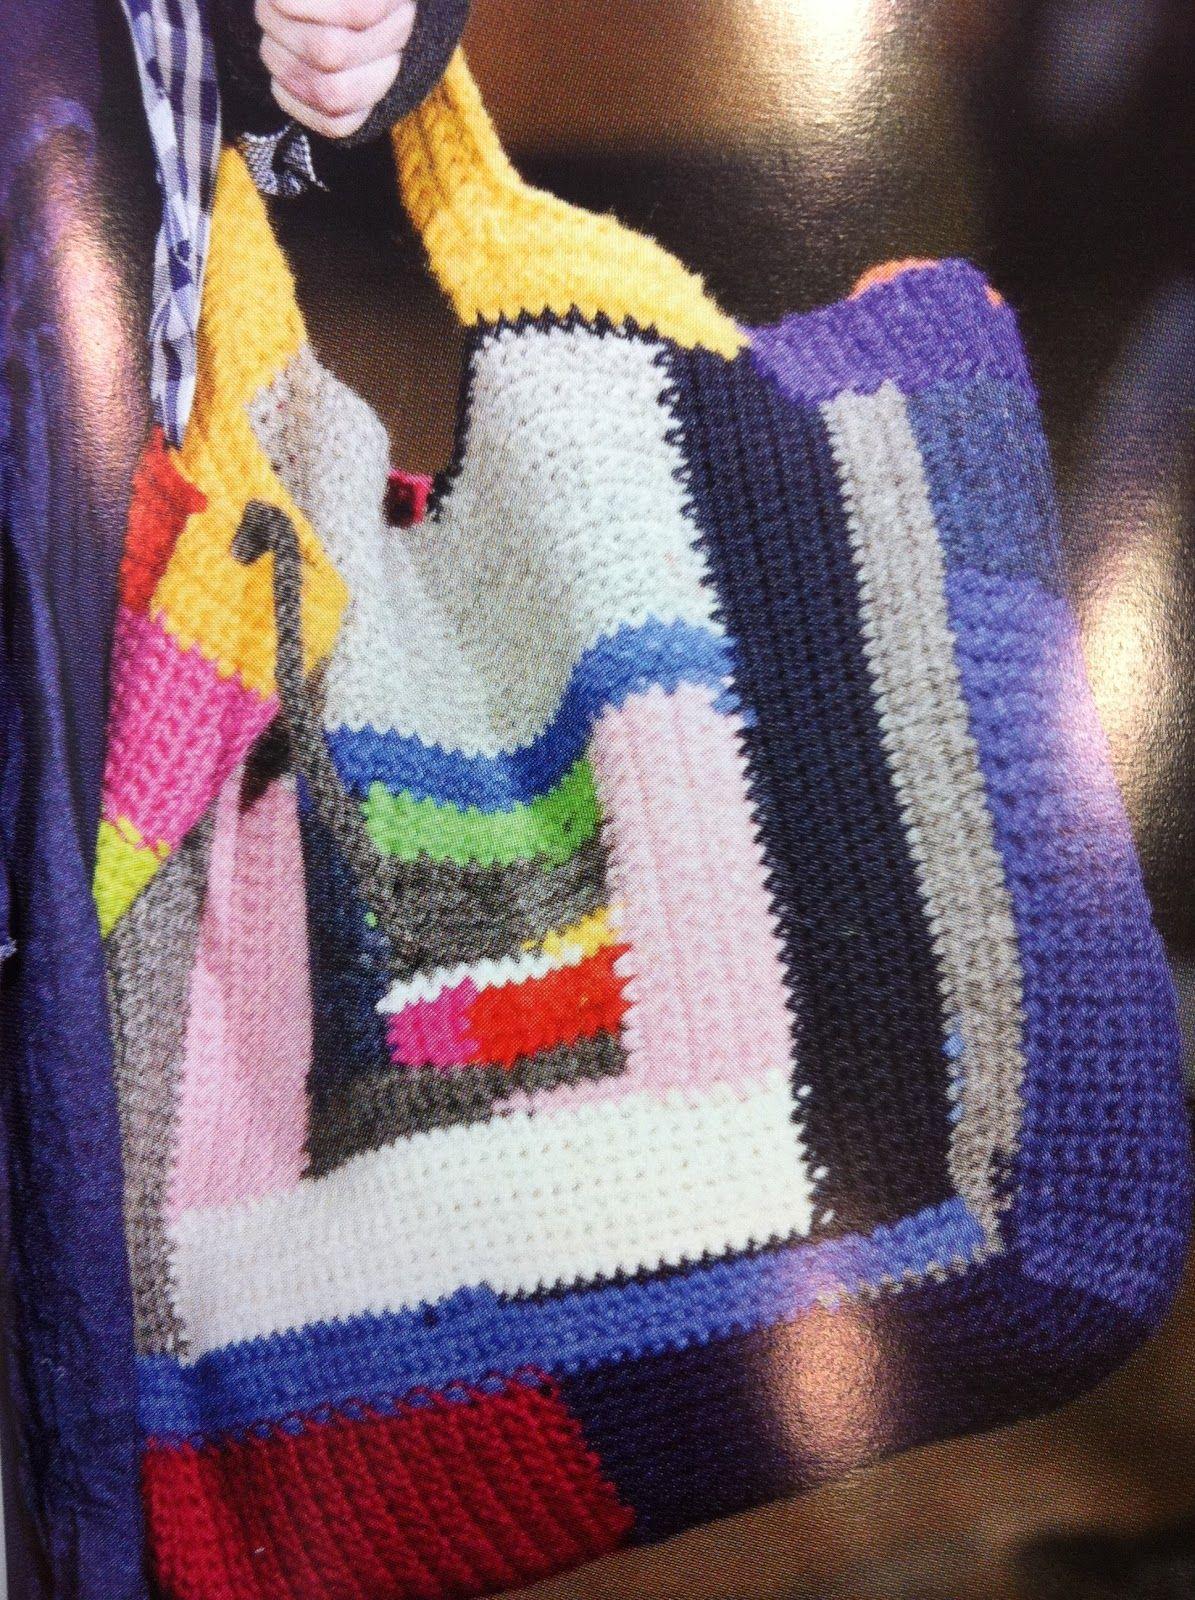 471be2b1f8 Risultati immagini per daniela gregis borse | crochet bags | Borse ...